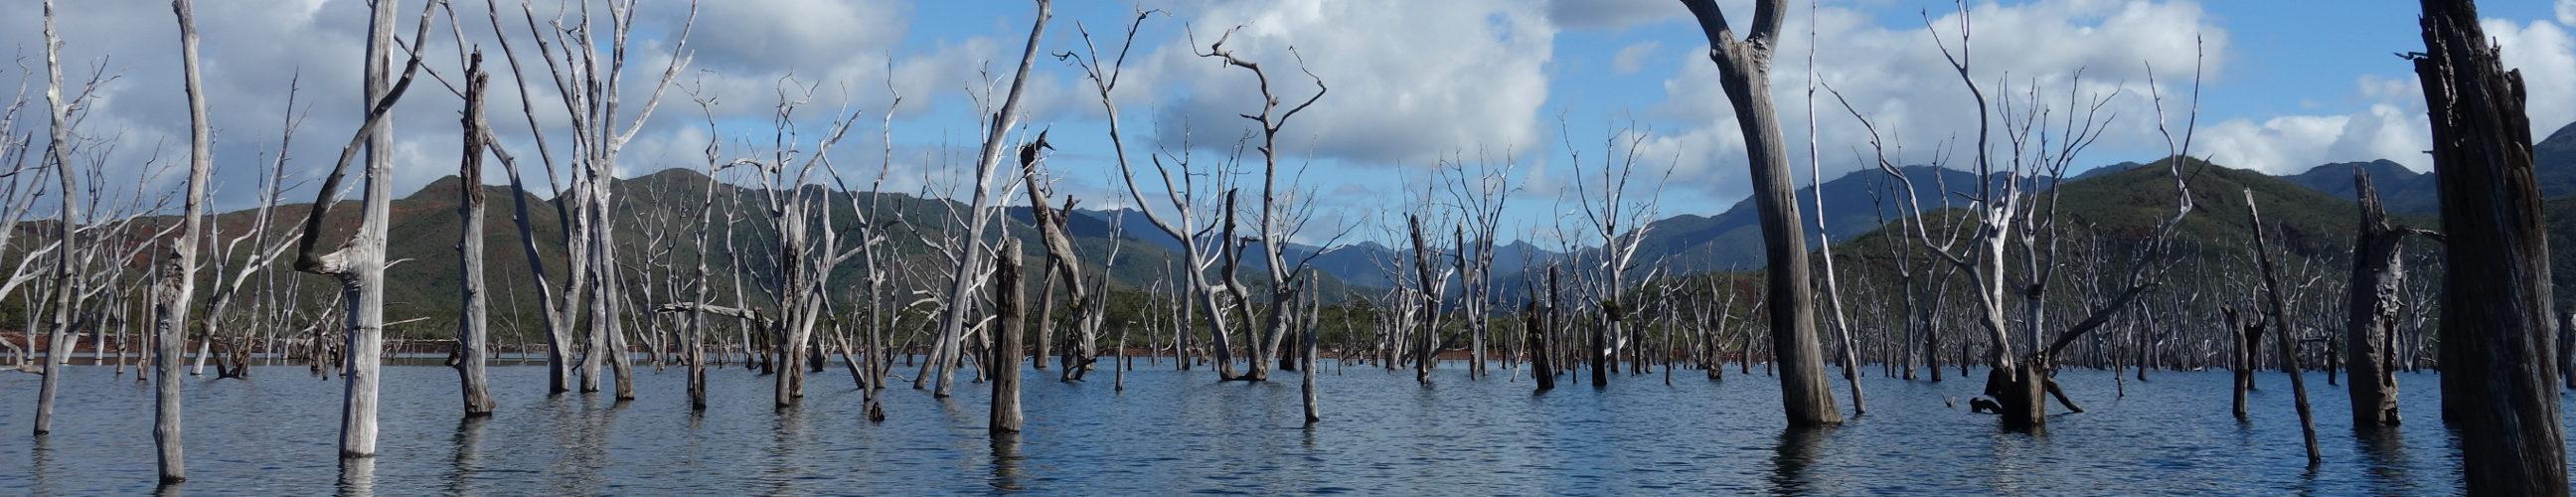 Image bandeau forêt noyée Nouvelle Calédonie